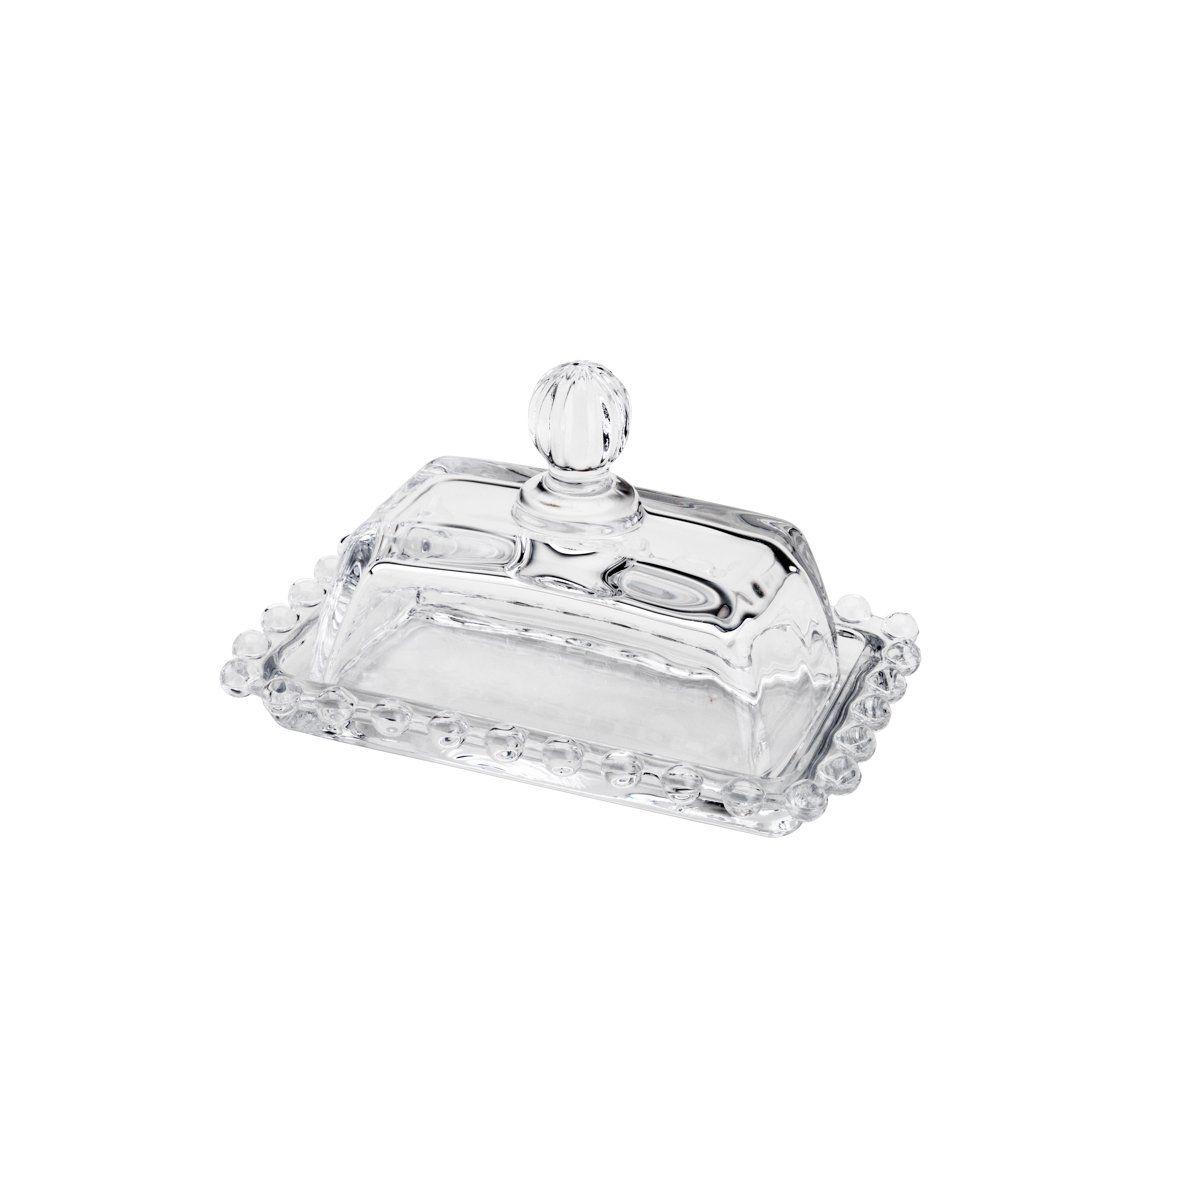 Manteigueira 14 cm de cristal transparente com tampa Dots Wolff - 26755